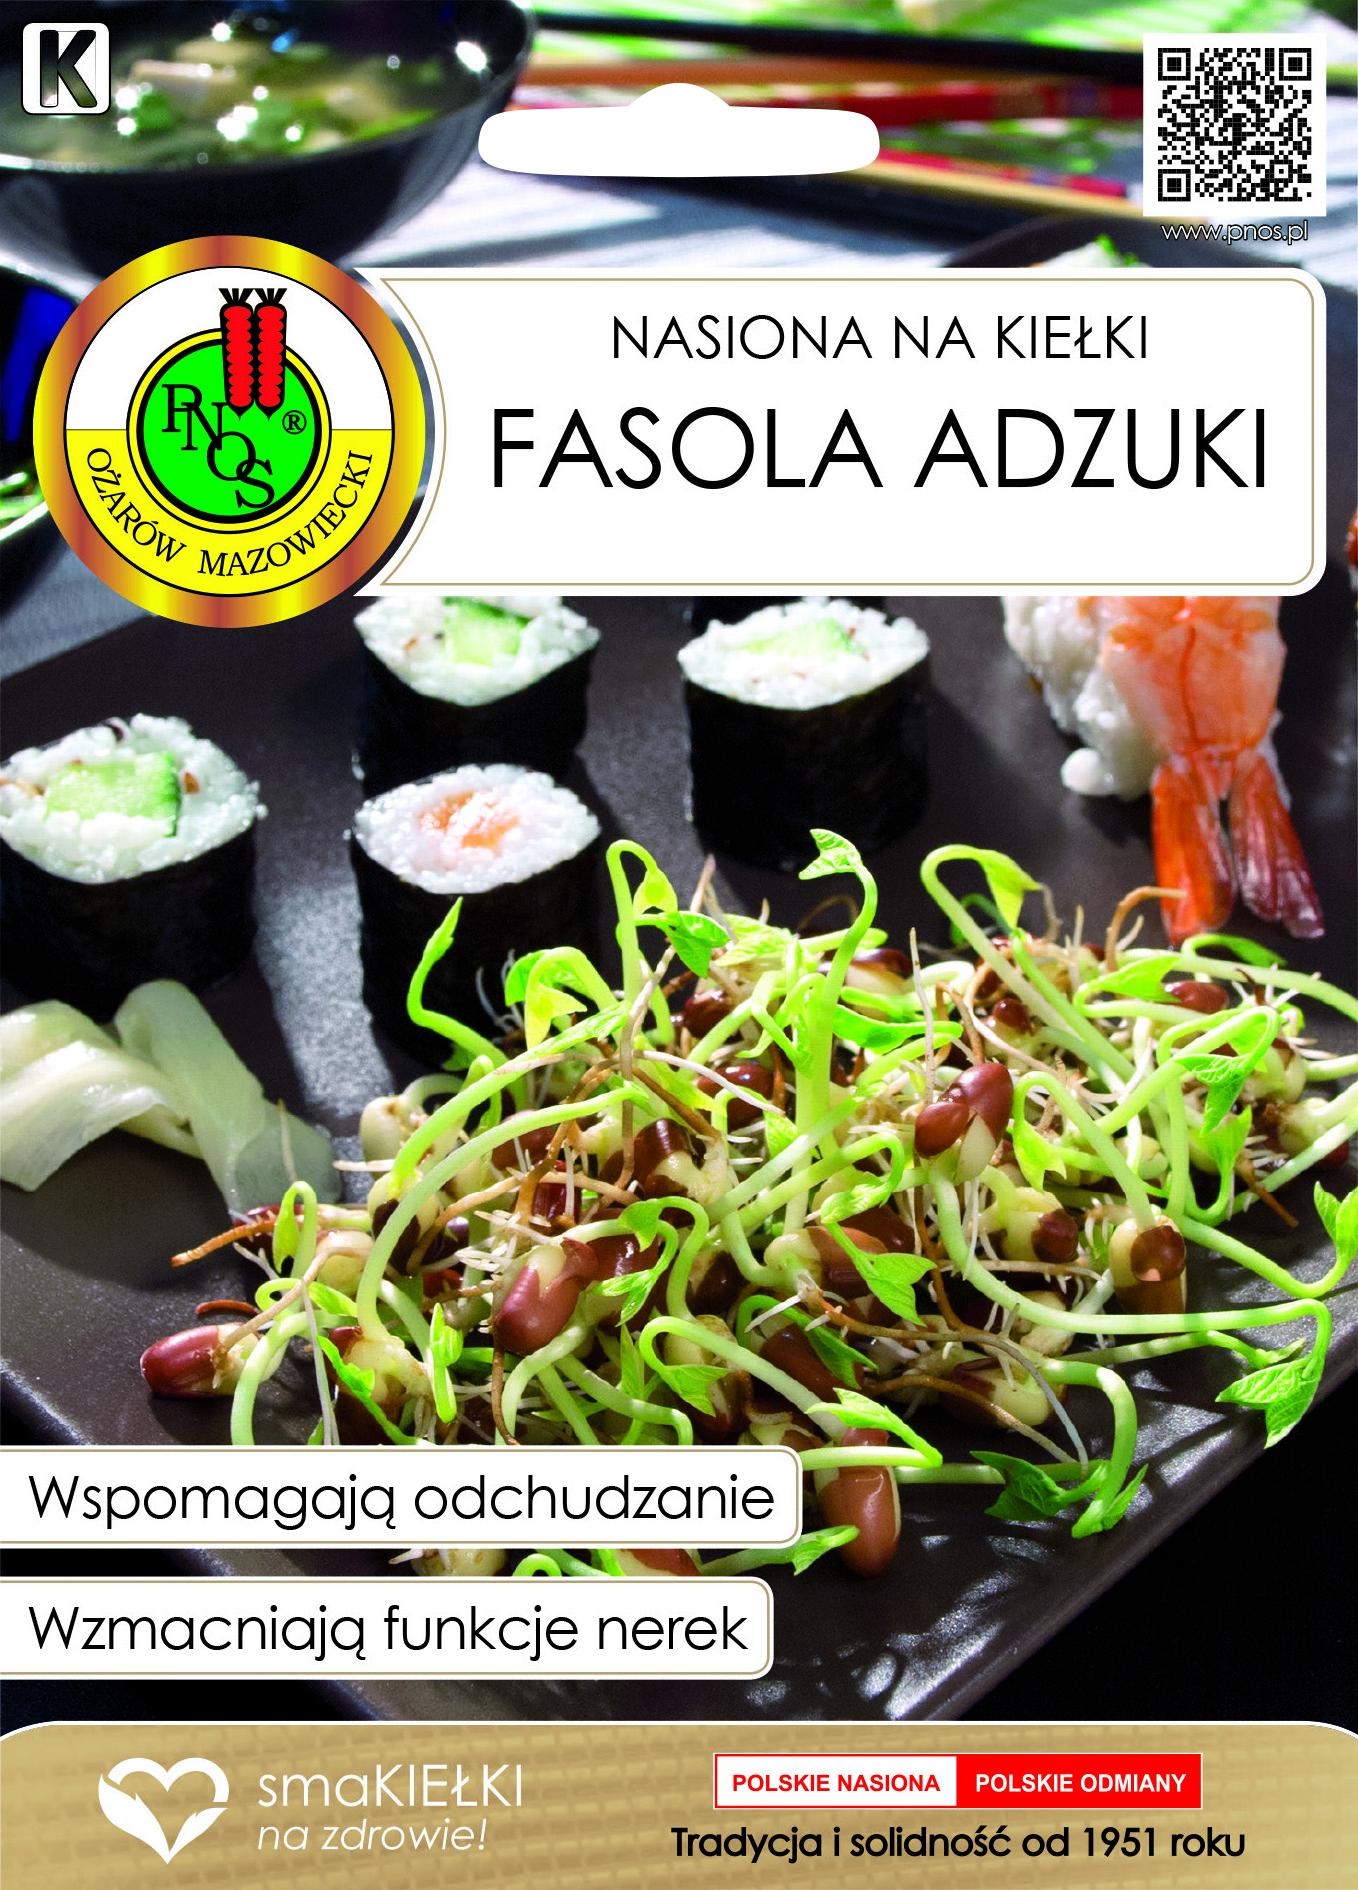 5904232004513_NASIONA_NA_KIELKI_FASOLA_ADZUKI